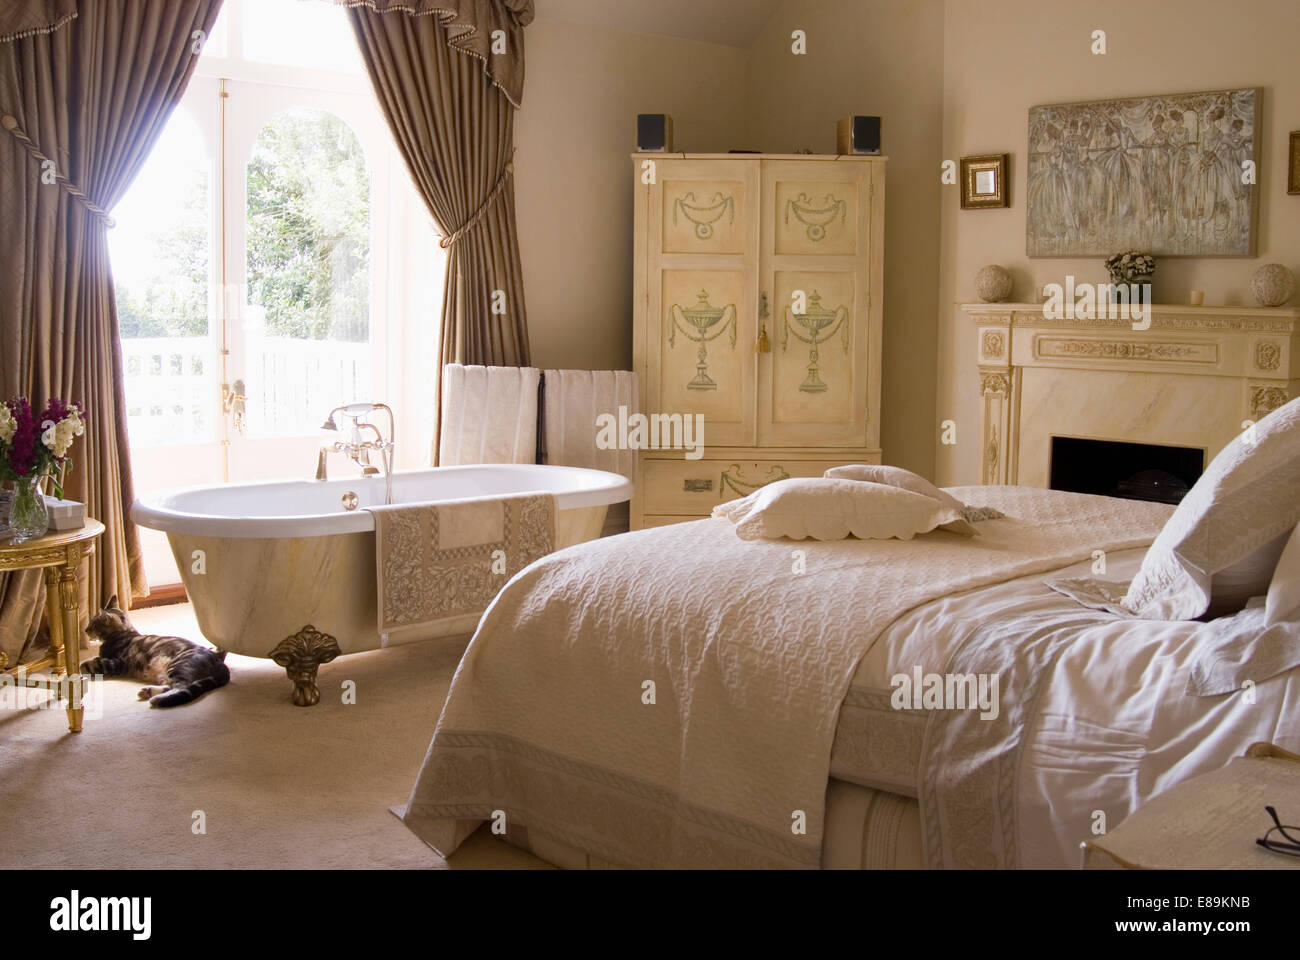 Vasca Da Bagno In Camera Da Letto : Elegante camera da letto con vasca da bagno u foto stock zveiger